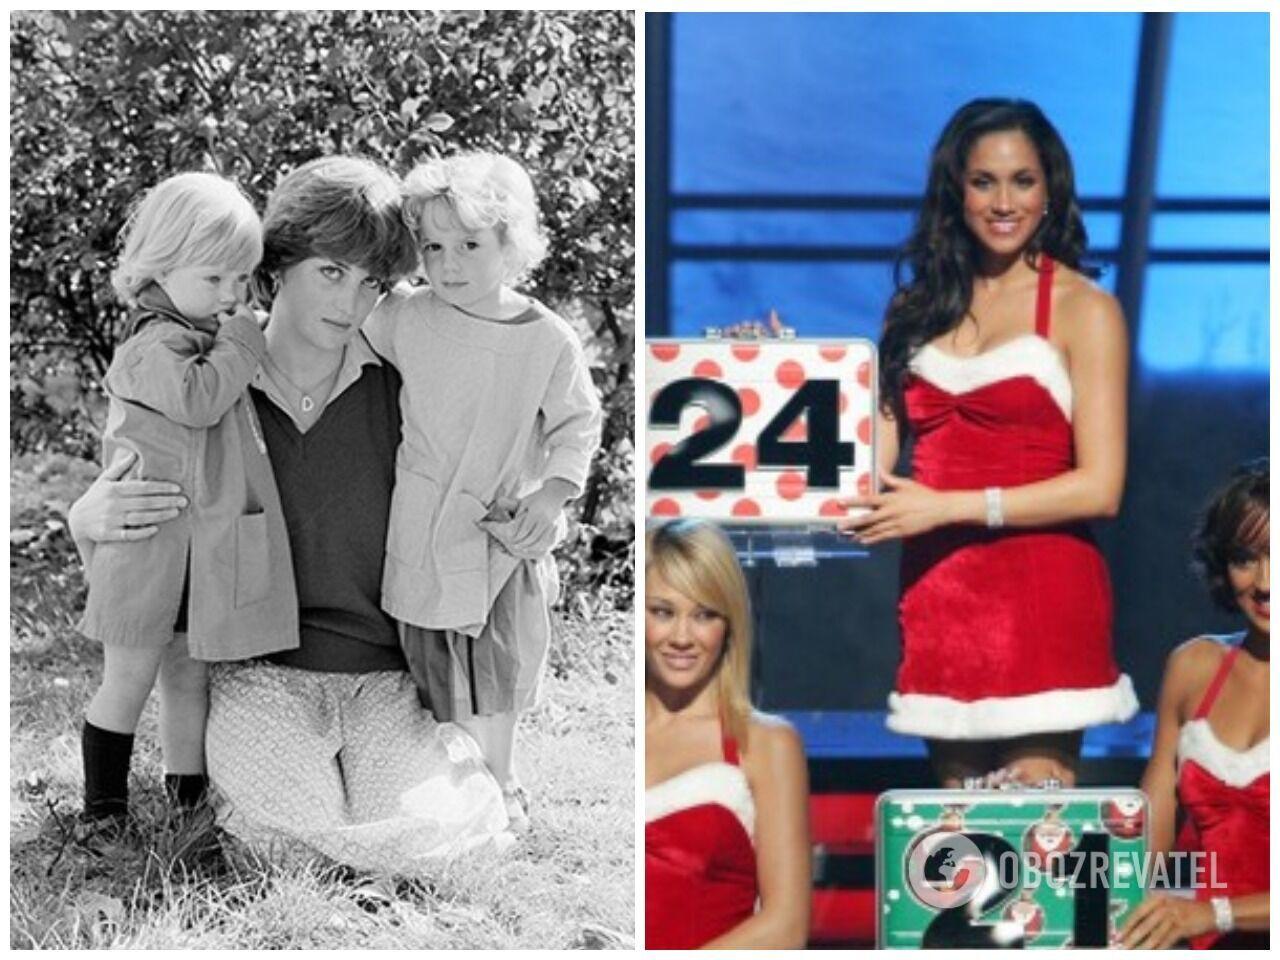 """Диана, работающая в детском саду (1981 г.) и Меган Маркл на съемках шоу """"Deal or No Deal"""" (2014 г.)"""